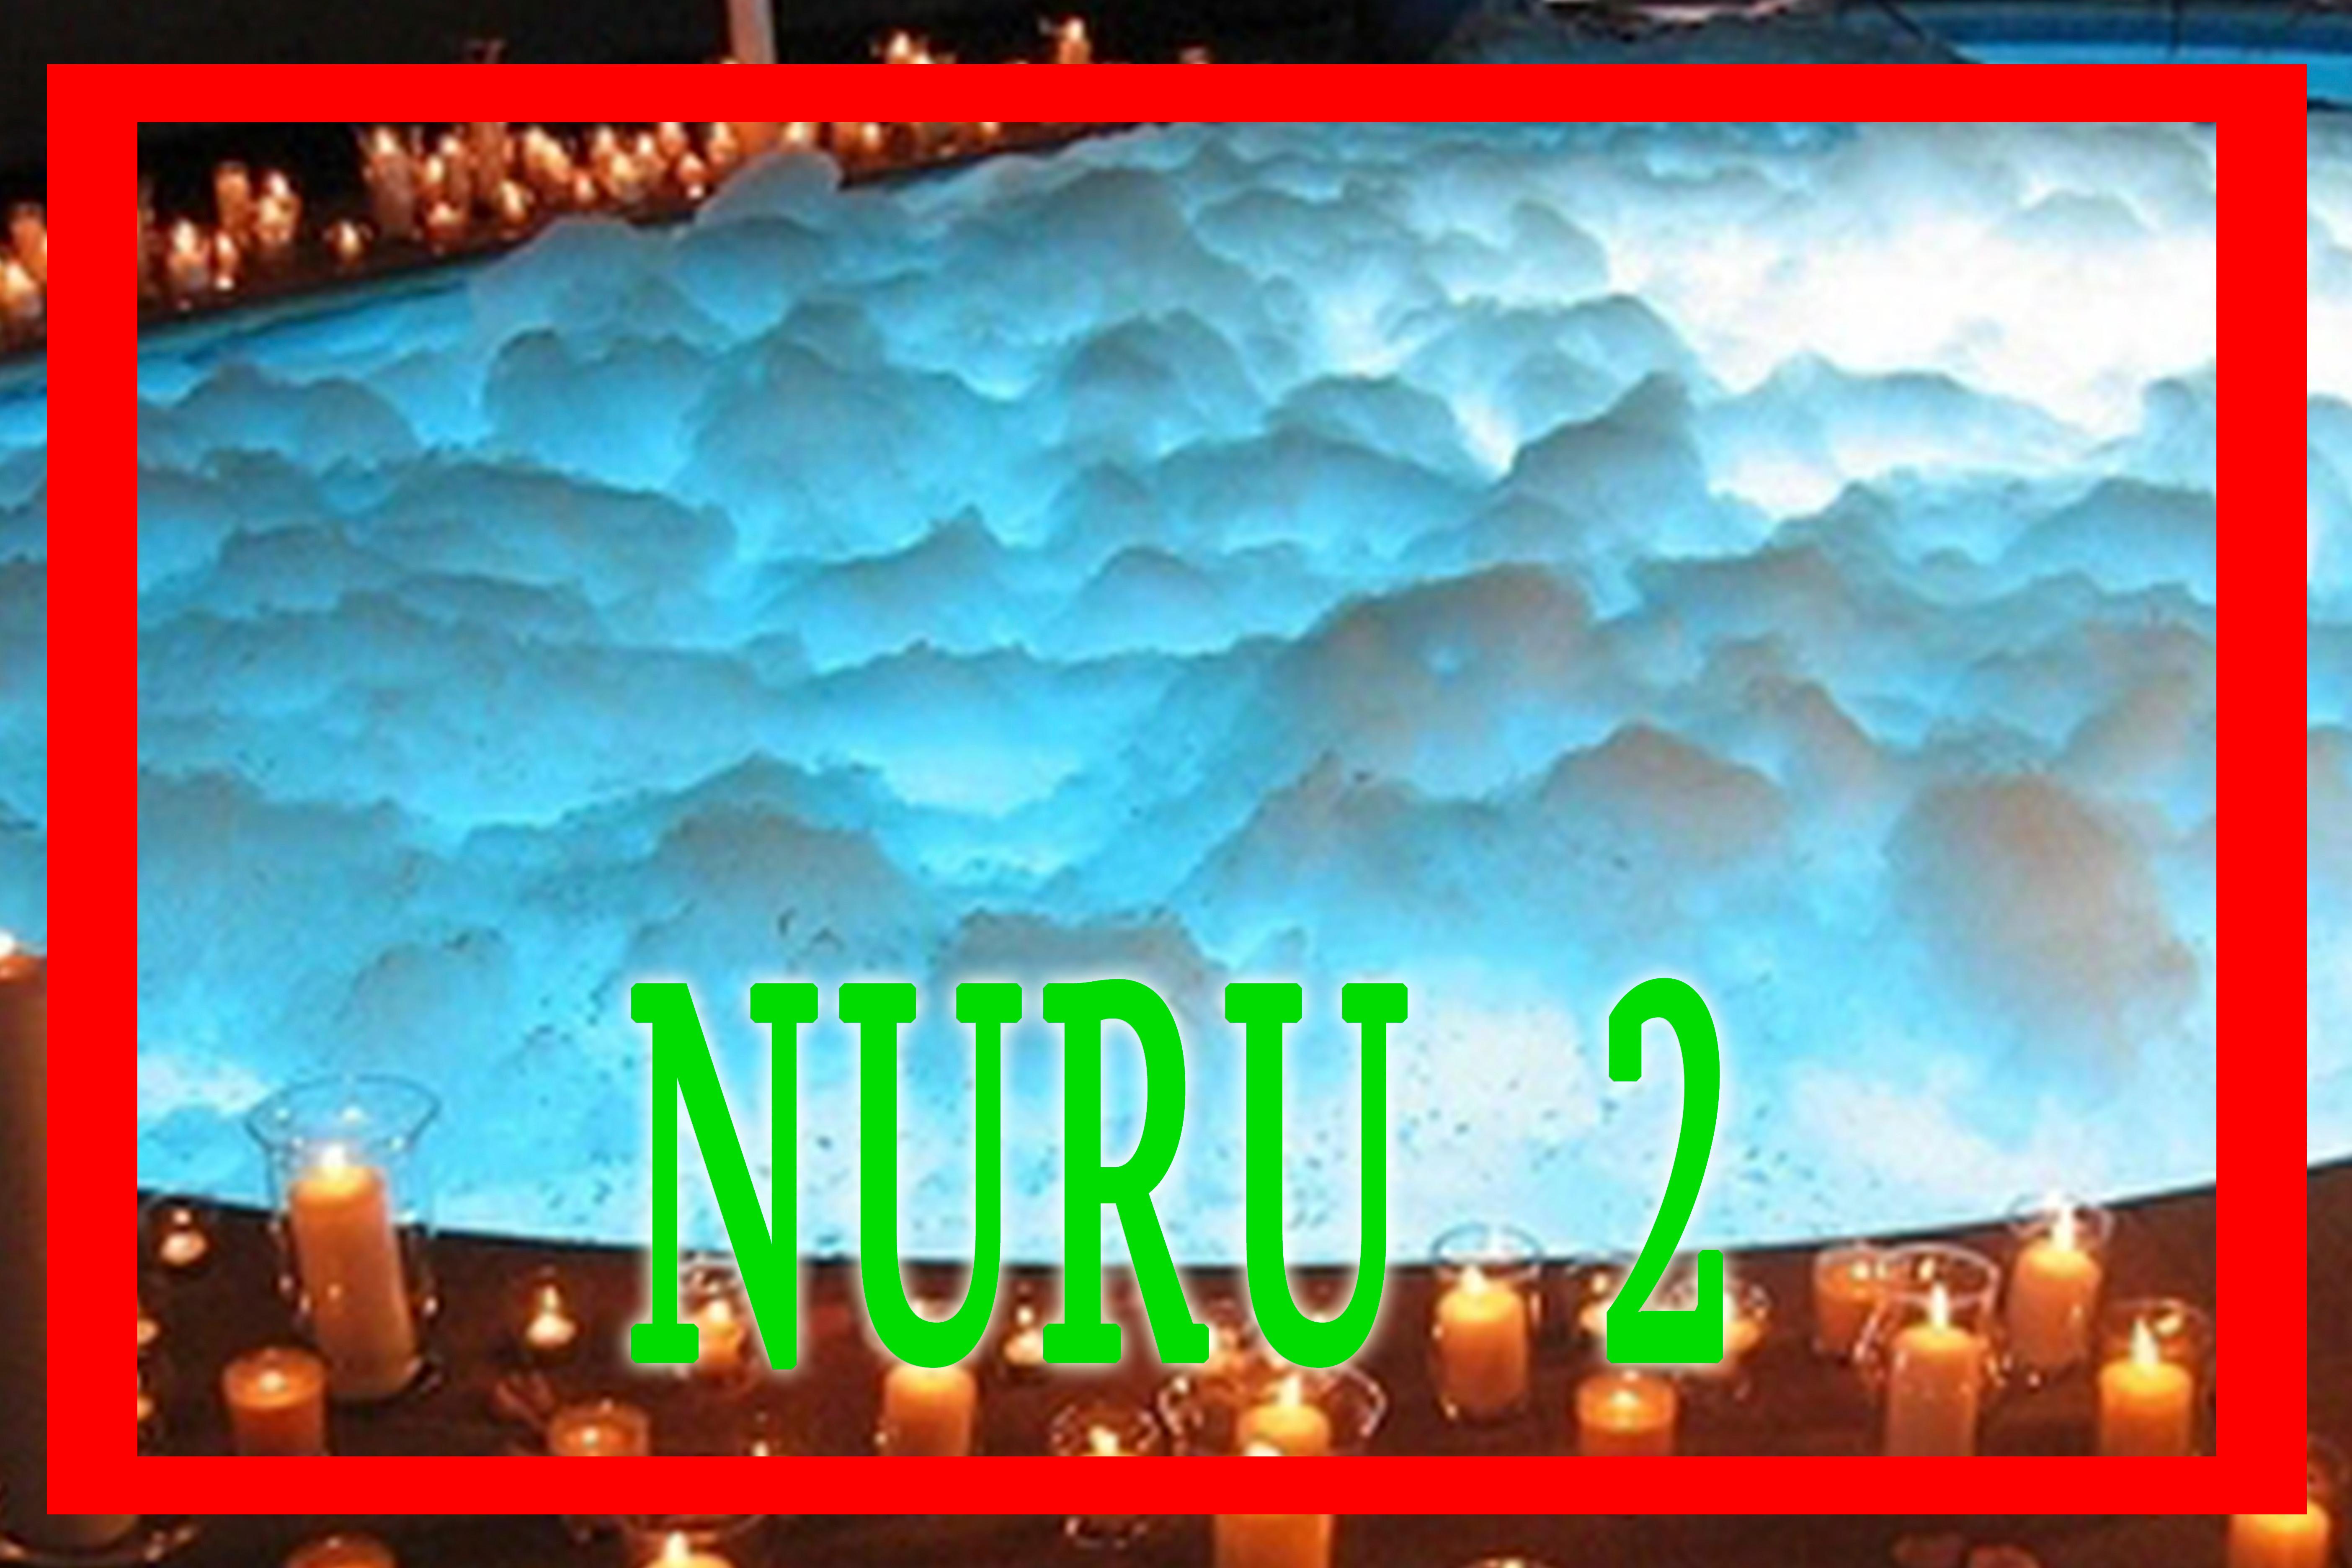 90min VIP Jacuzzi and Nuru